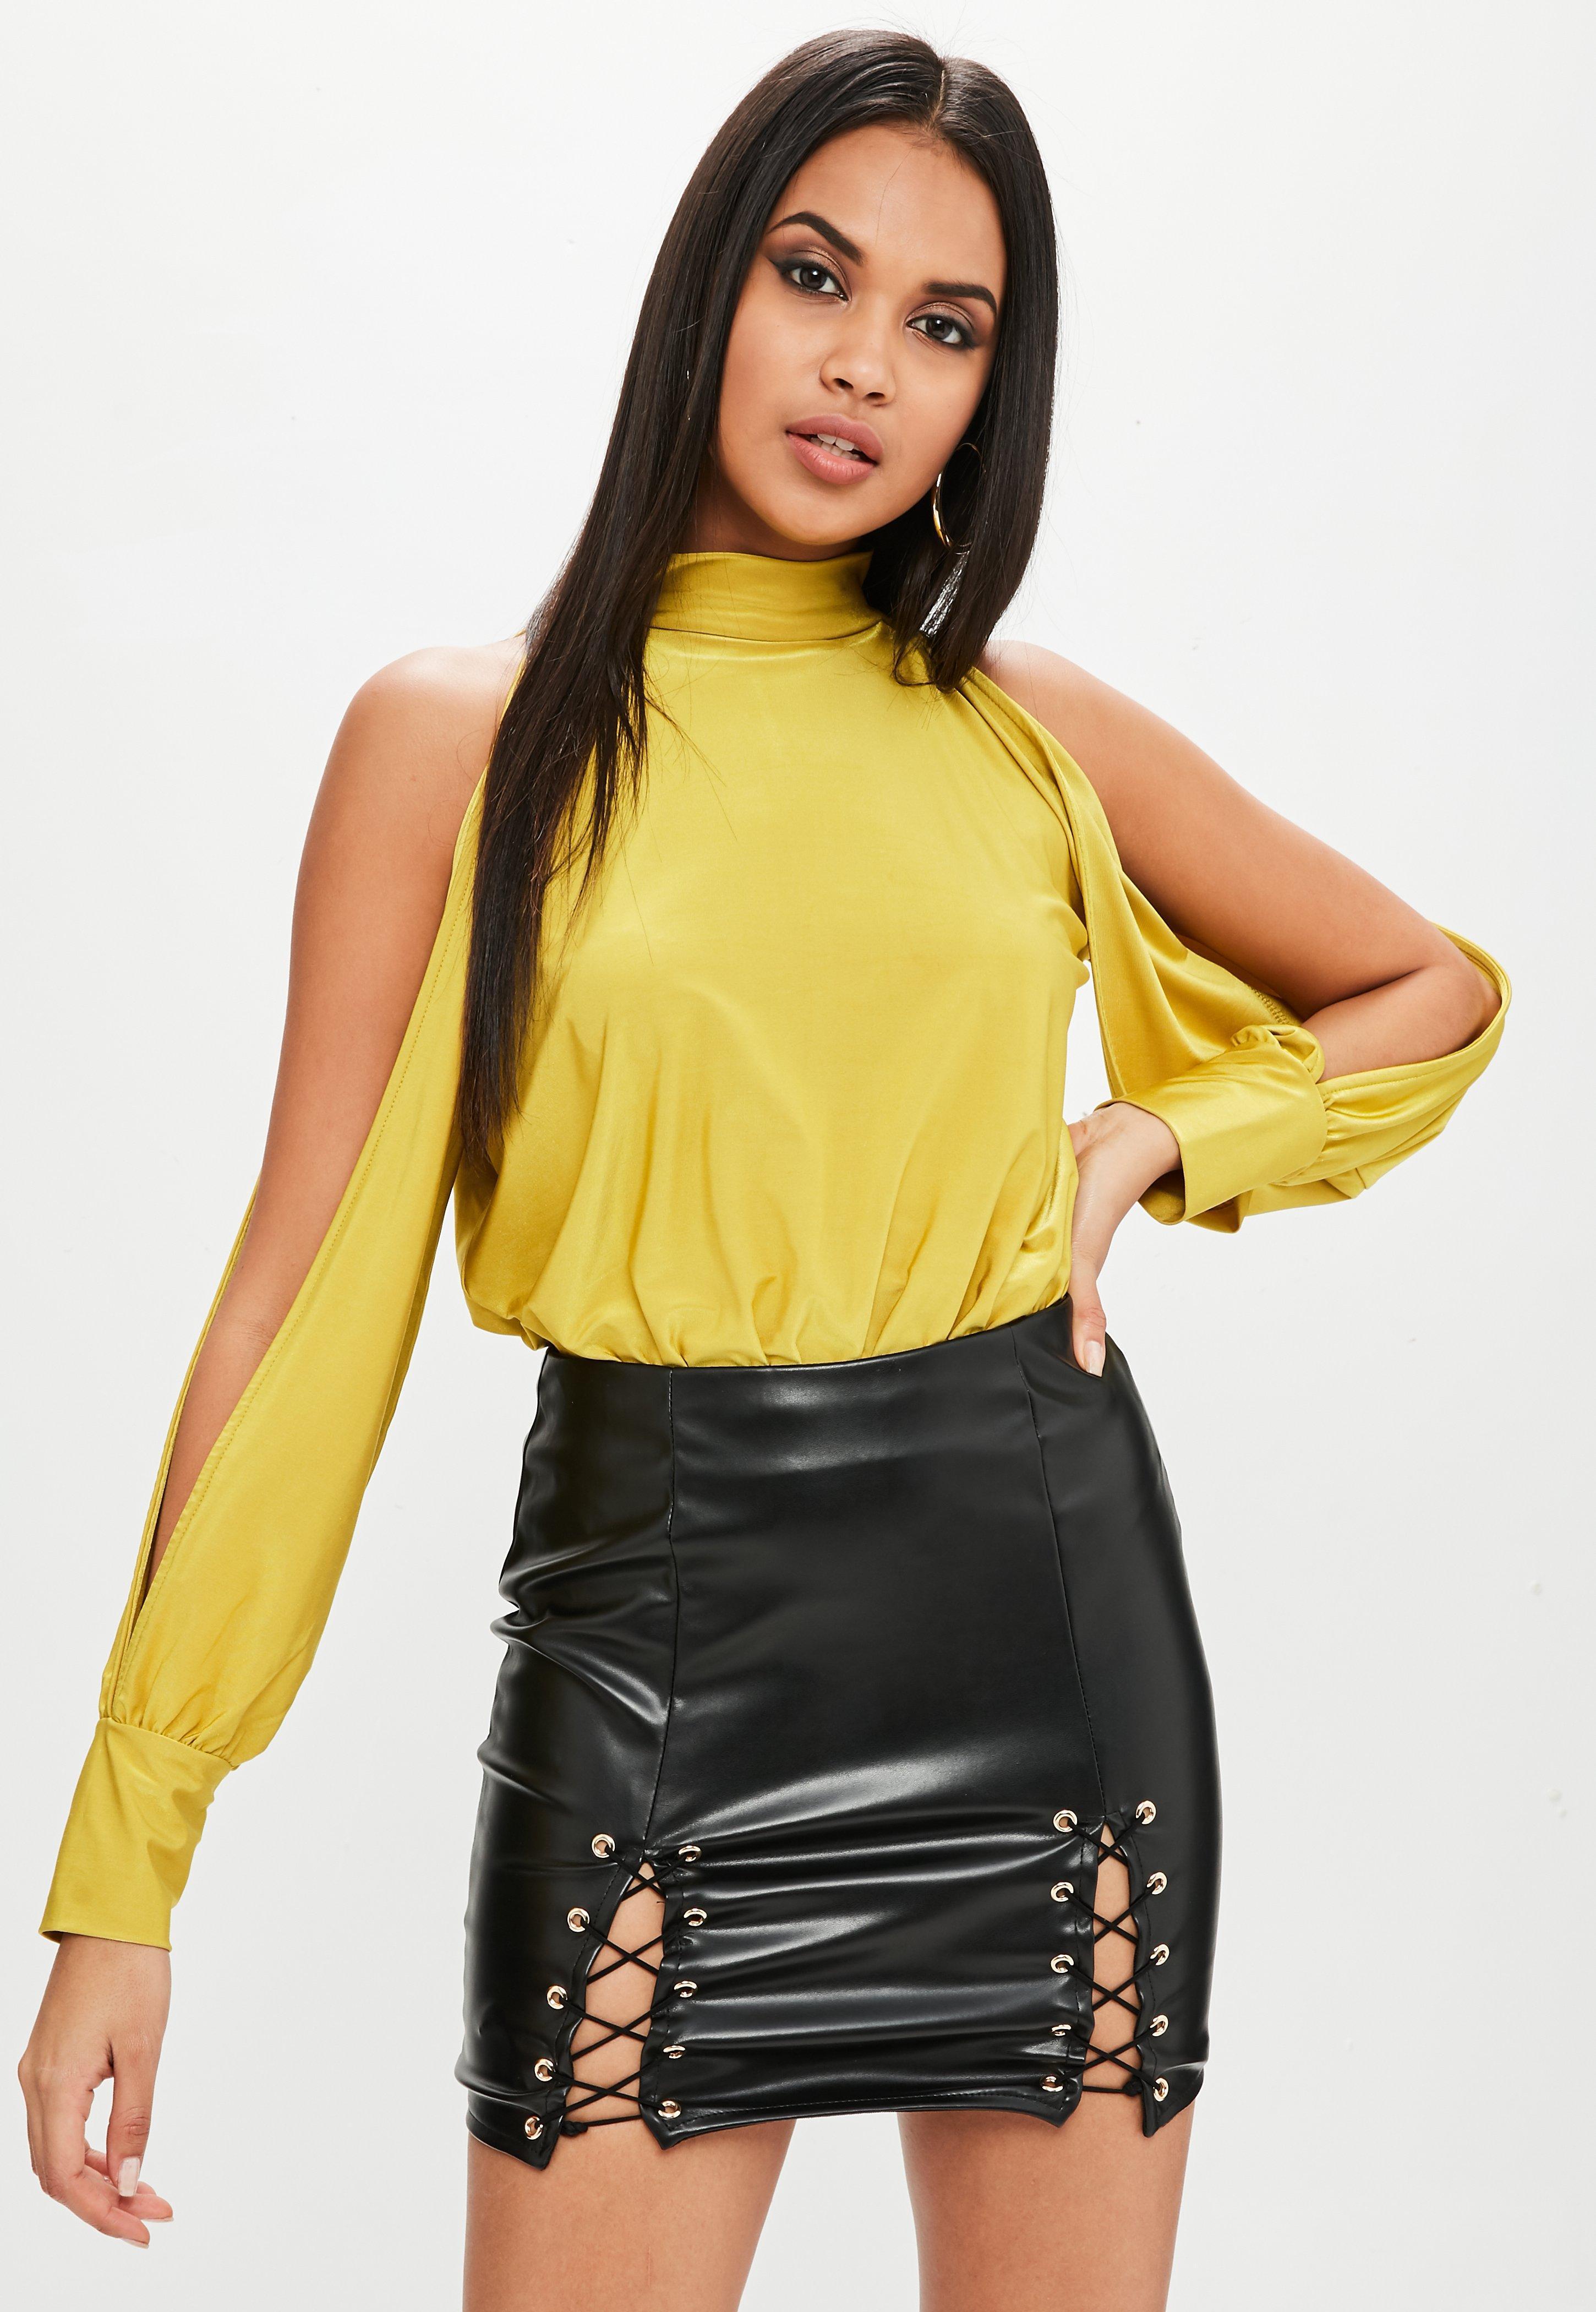 e961ceaa8 Missguided Faux Leather Mini Skirt Black | Saddha